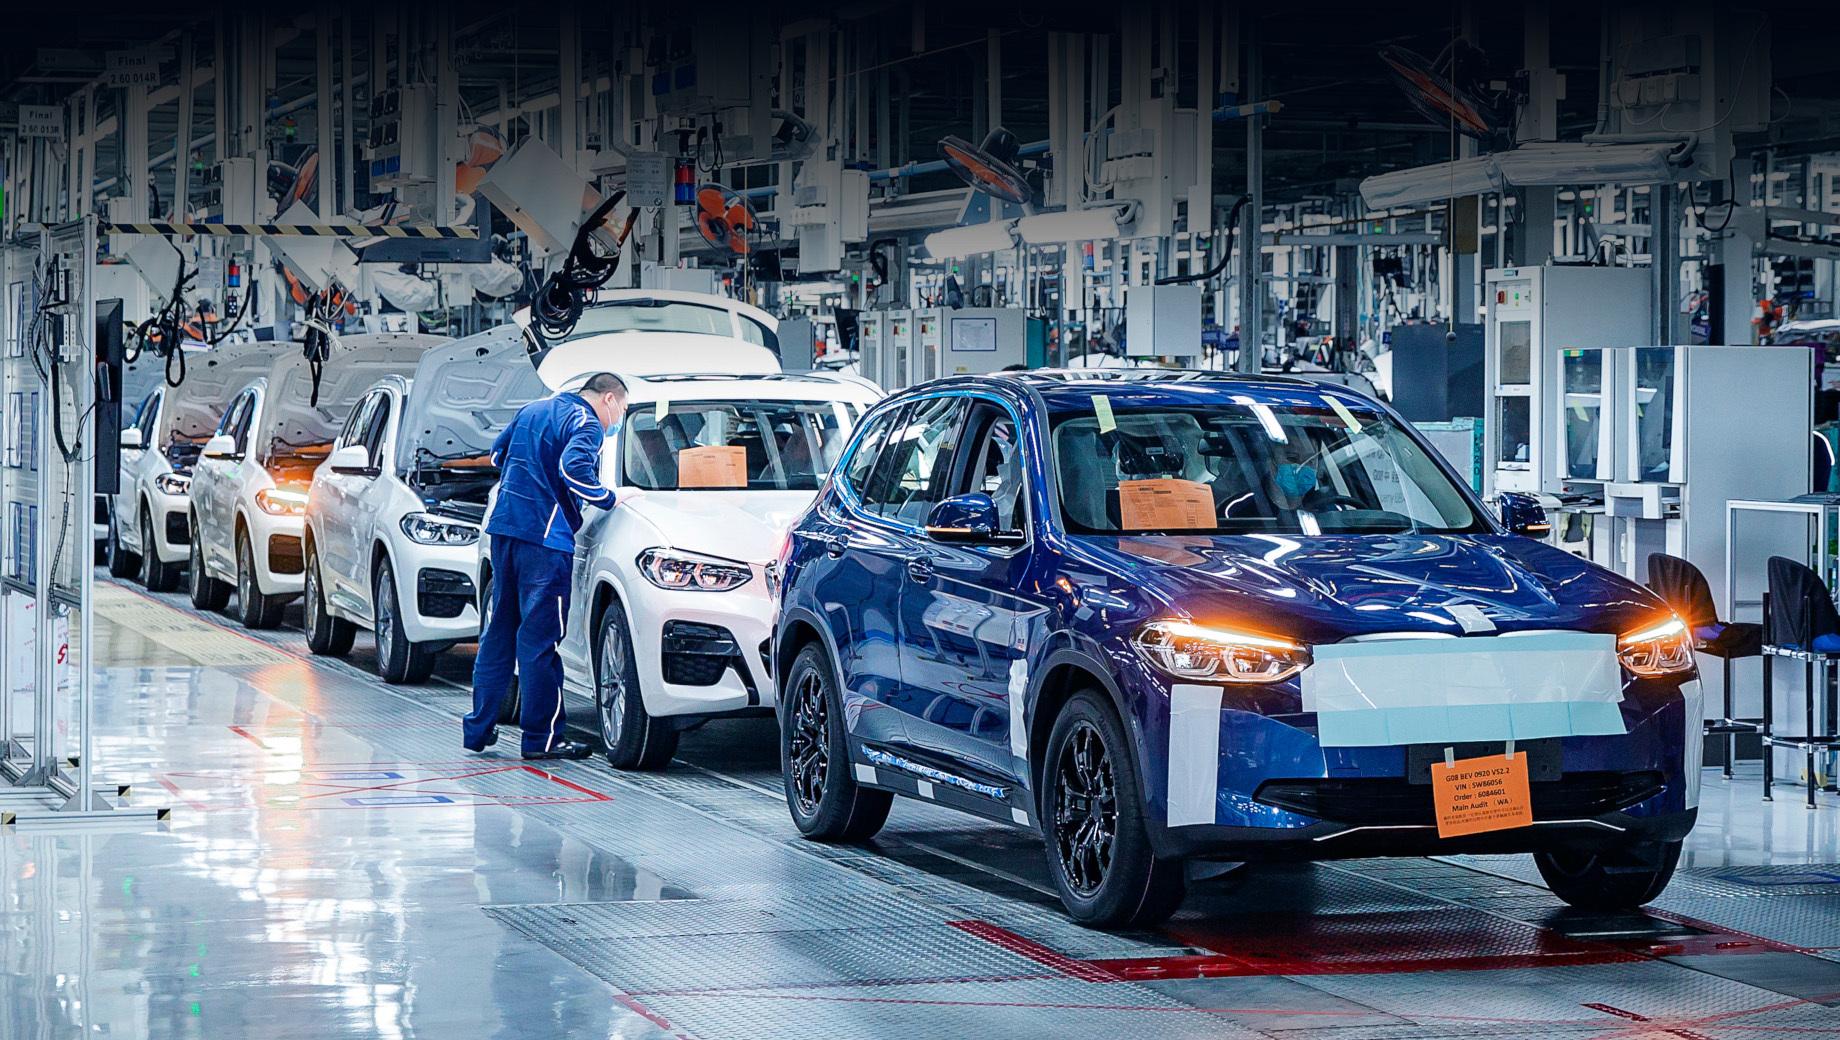 Bmw ix3. Выпуск iX3 (синий образец на снимках) будет налажен в СП BMW Brilliance Automotive в Китае, на одной линии с обычными «икс-третьими» (для всех рынков). Собственно там уже вышла предсерийная партия более чем из 200 штук.